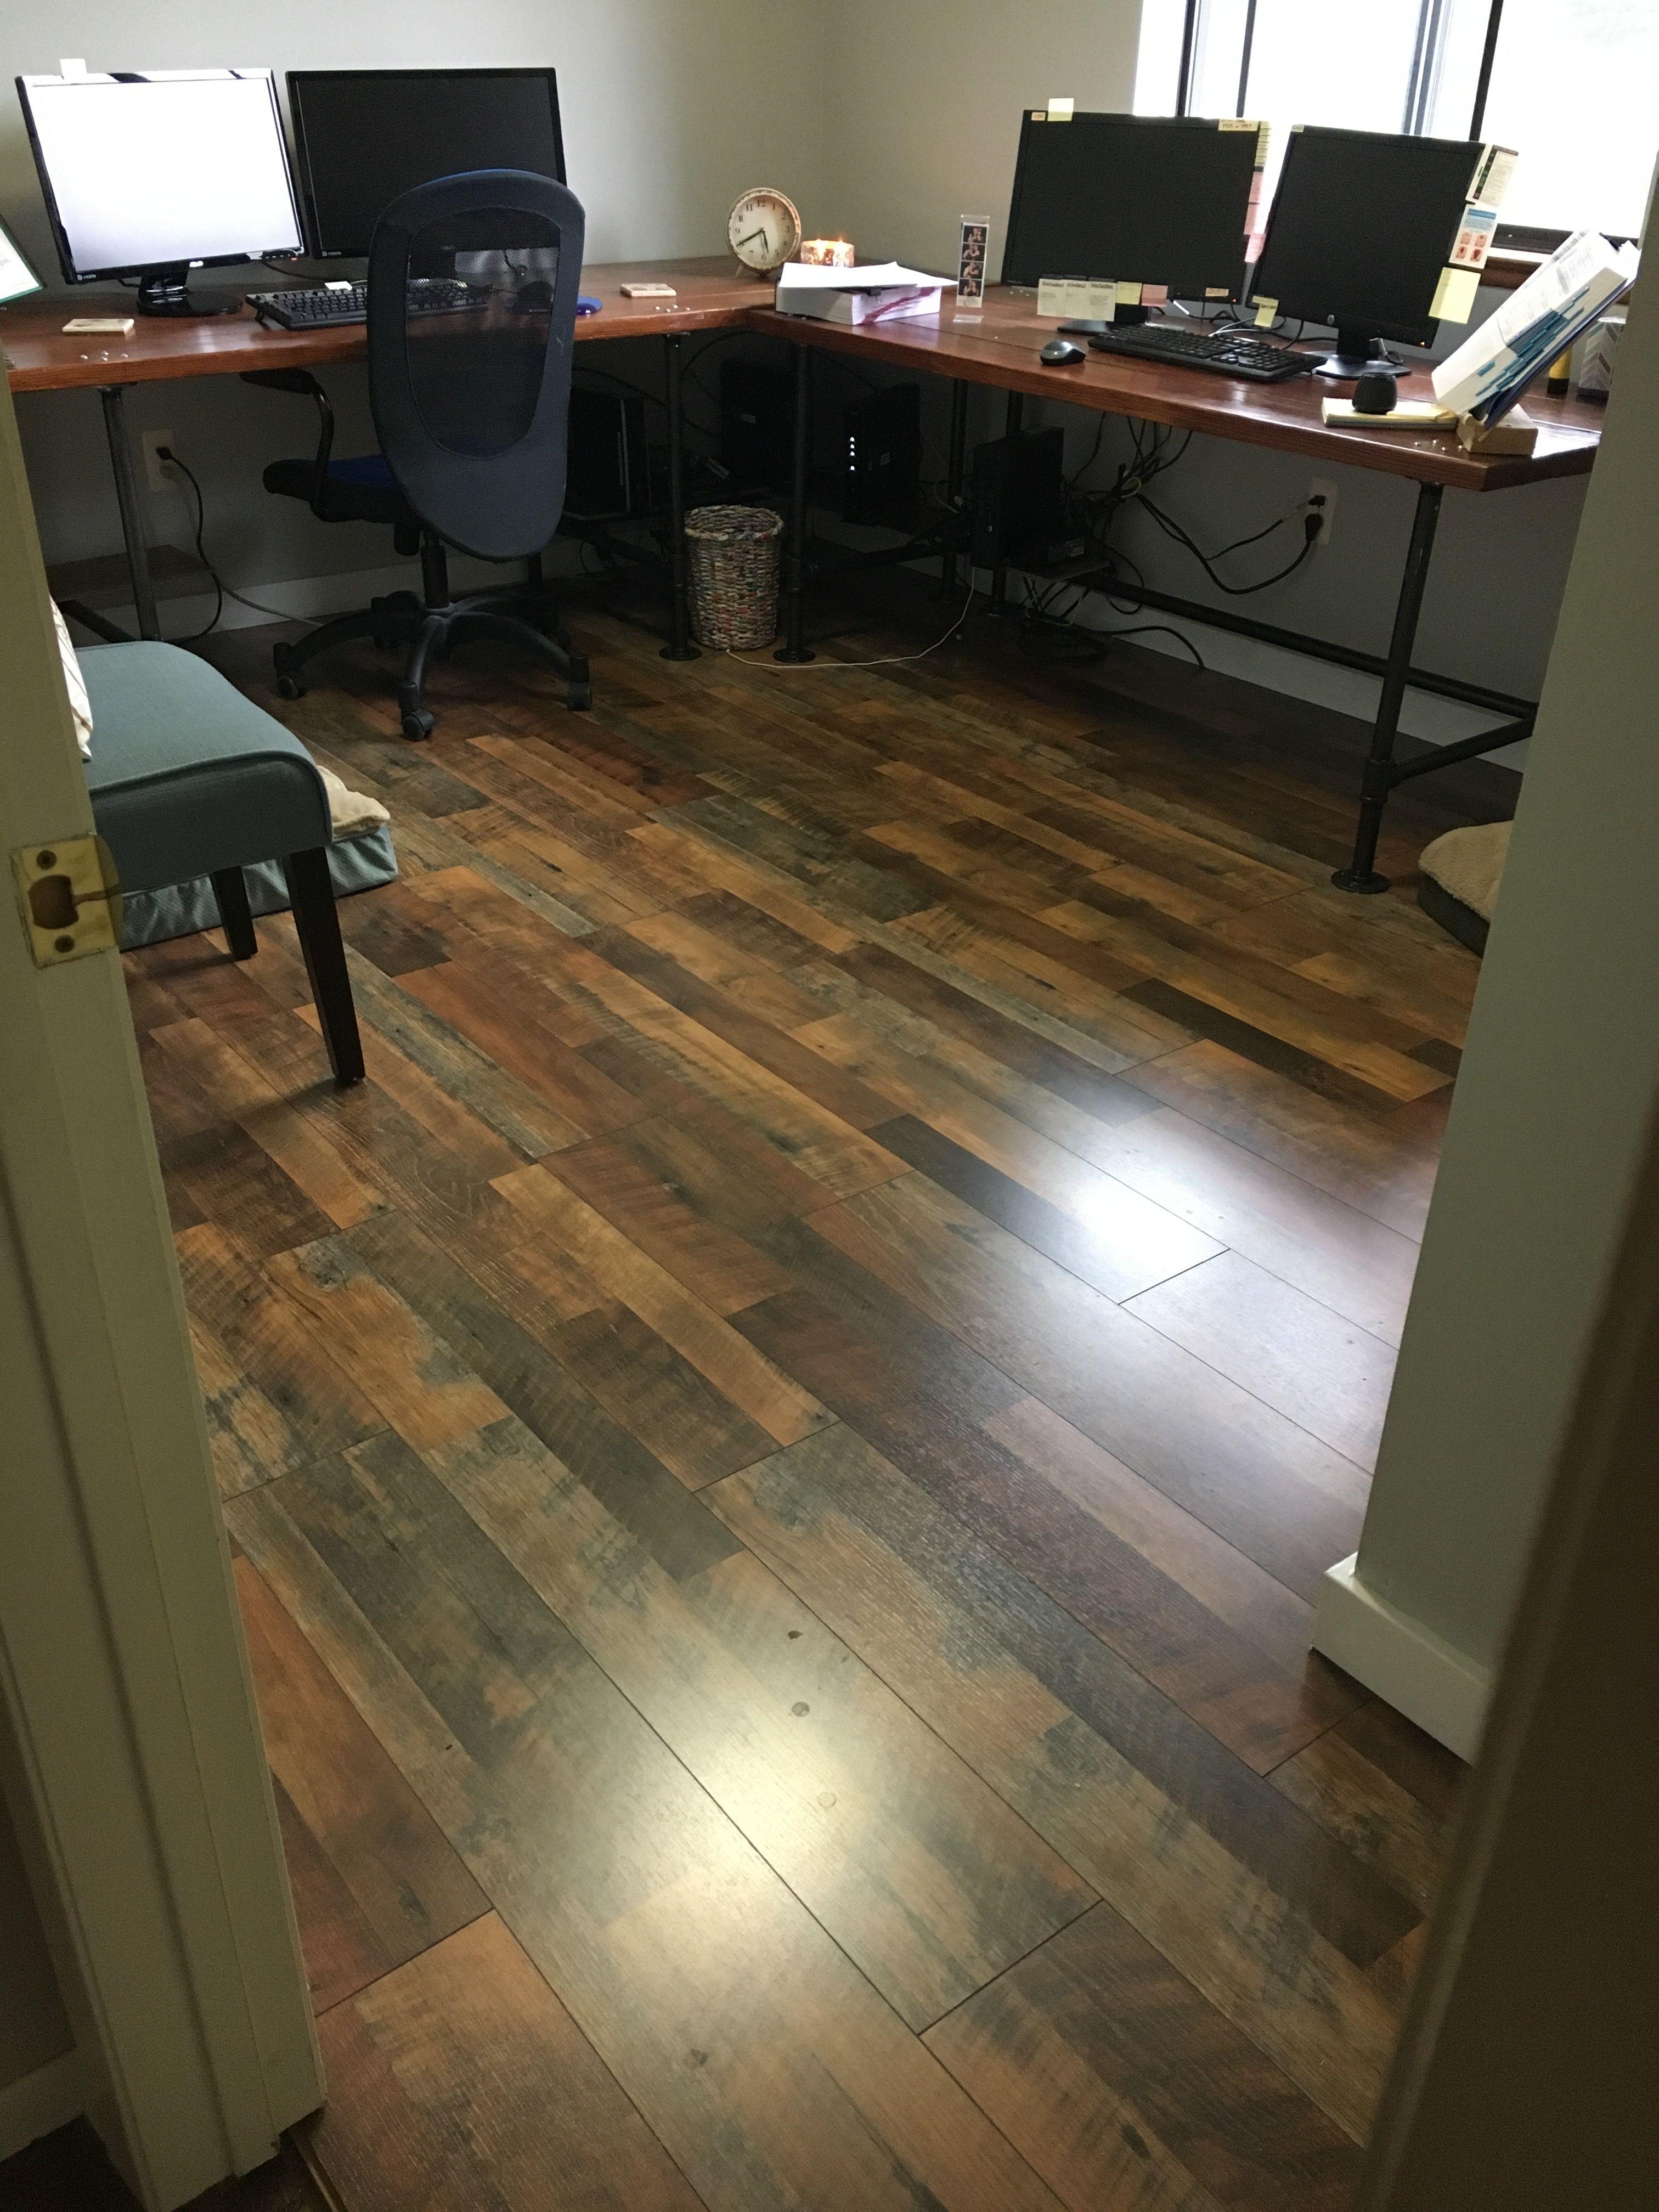 River Road Oak Embossed Laminate Floor Wood Planks Sold At Lowes Wood Floors Wide Plank Laminate Wood Flooring Cost Wood Laminate